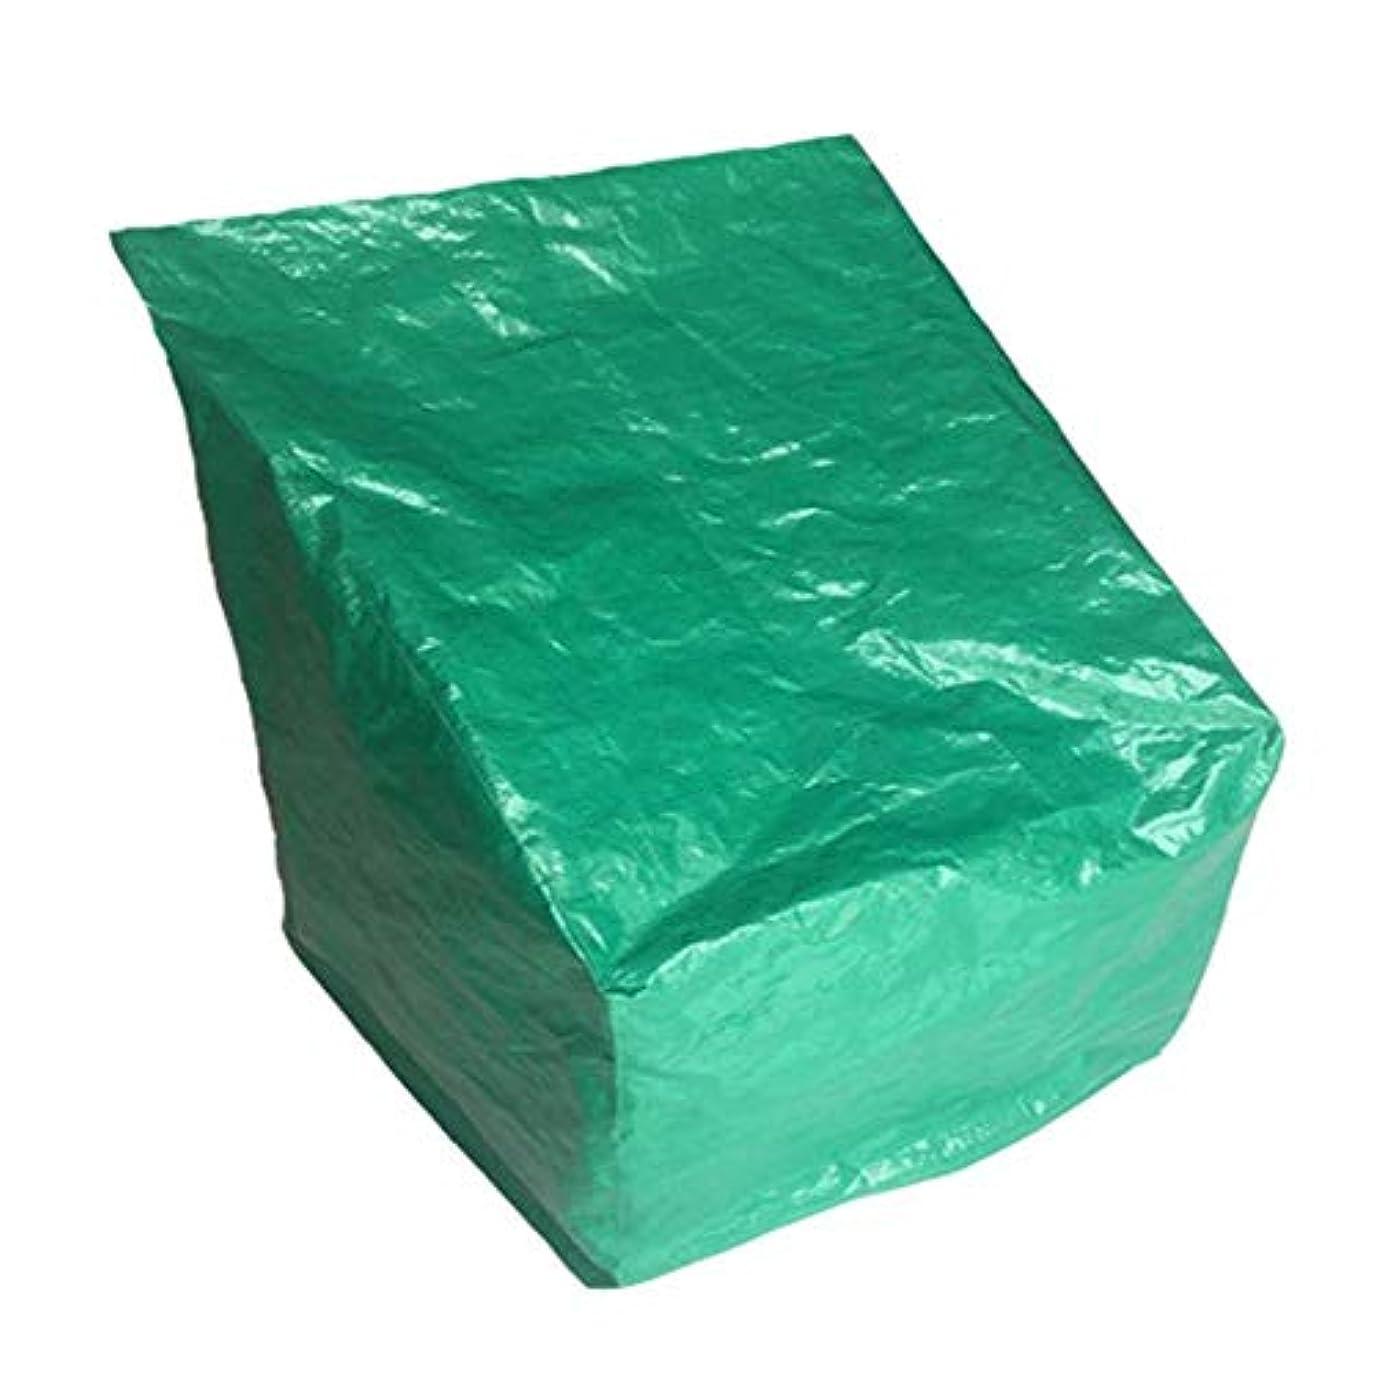 魔女導入する曲がったZEMIN ターポリンタープ 庭園 家具 カバー 椅子 dest 縫い ターポリン 防水 防塵 フード オックスフォード布、 カスタマイズ可能、 3サイズ (色 : Green, サイズ さいず : 66x66x80CM)